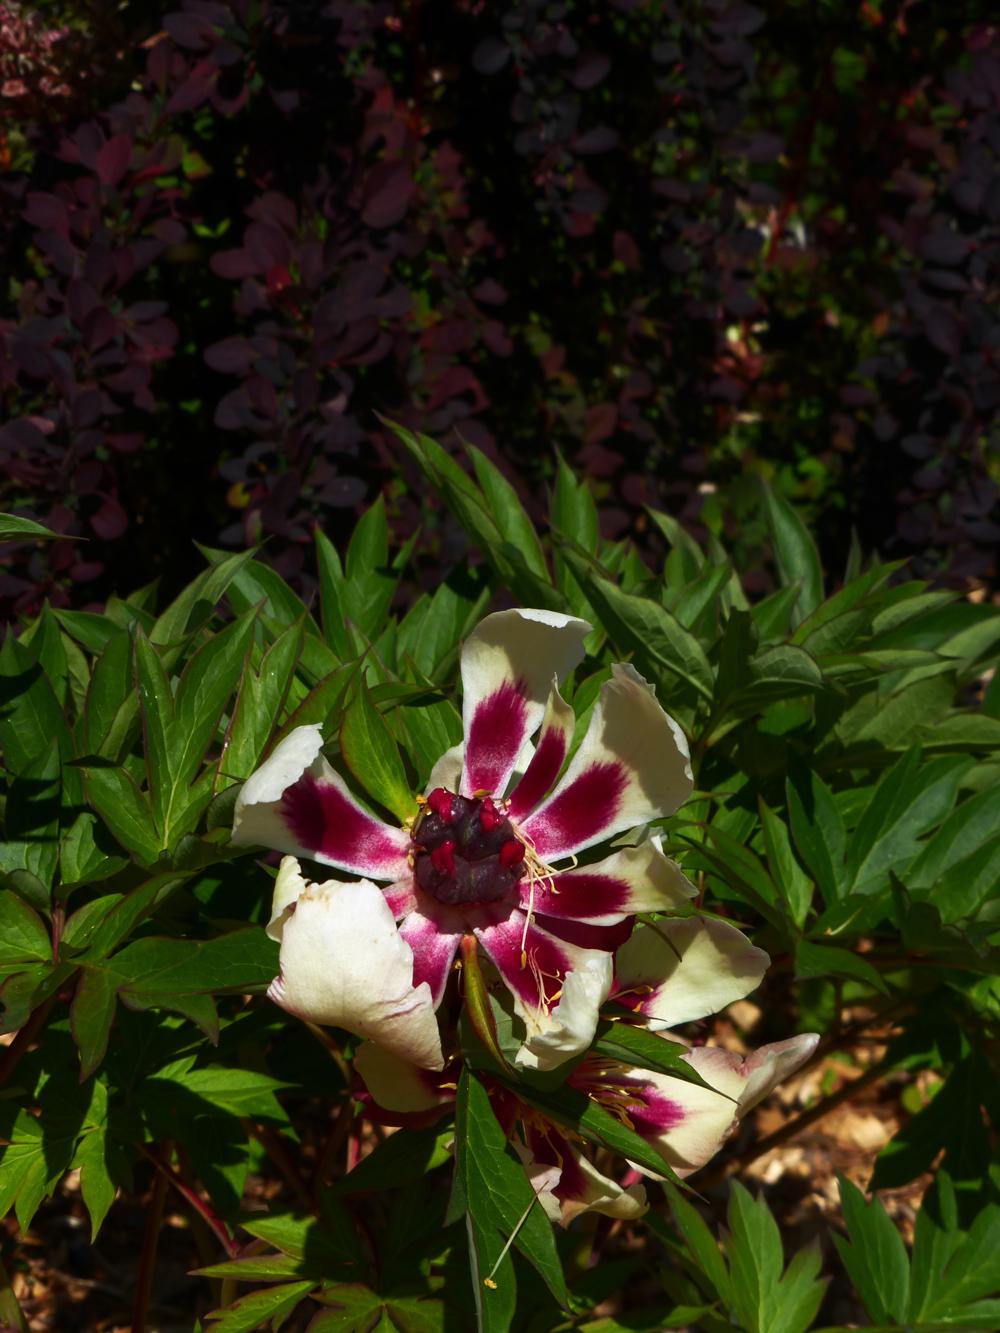 TPAC_flowers_3.jpg